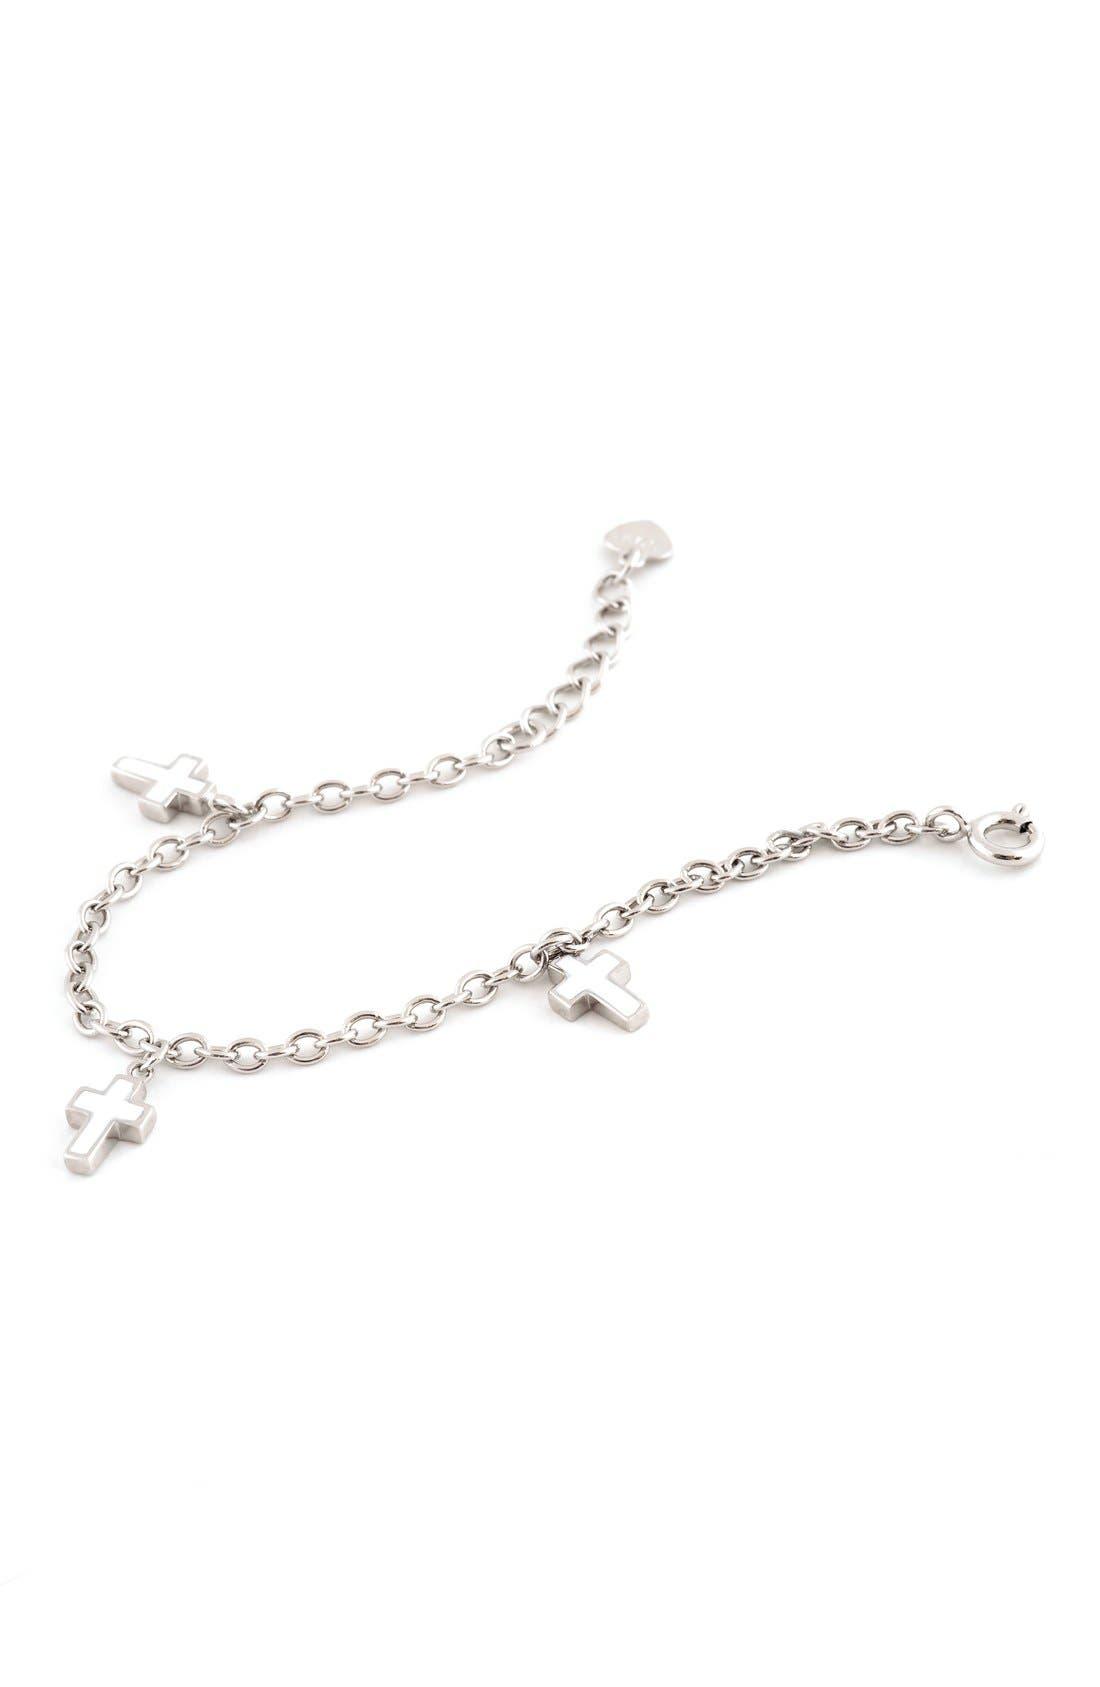 Alternate Image 1 Selected - Speidel Enameled Cross Sterling Silver Charm Bracelet (Girls)